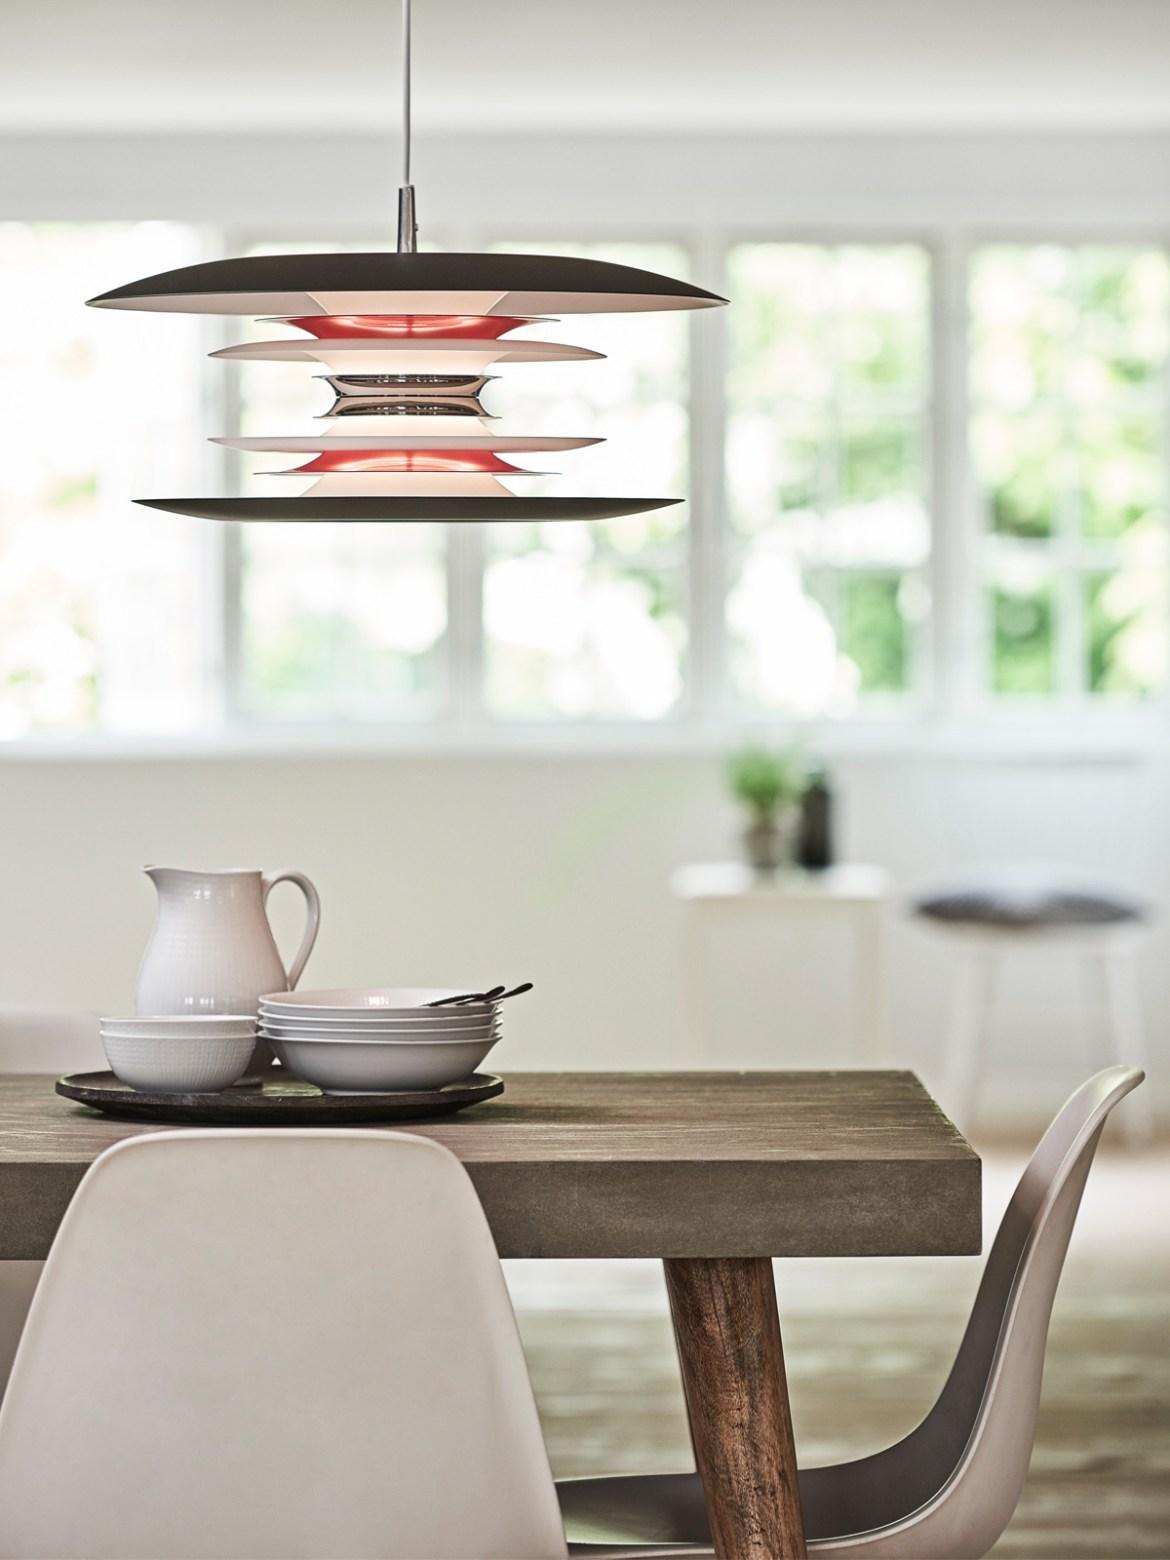 DesignOrt Blog: farbenfrohe Leuchten Belid Diablo Designerleuchte für blendfreies Licht